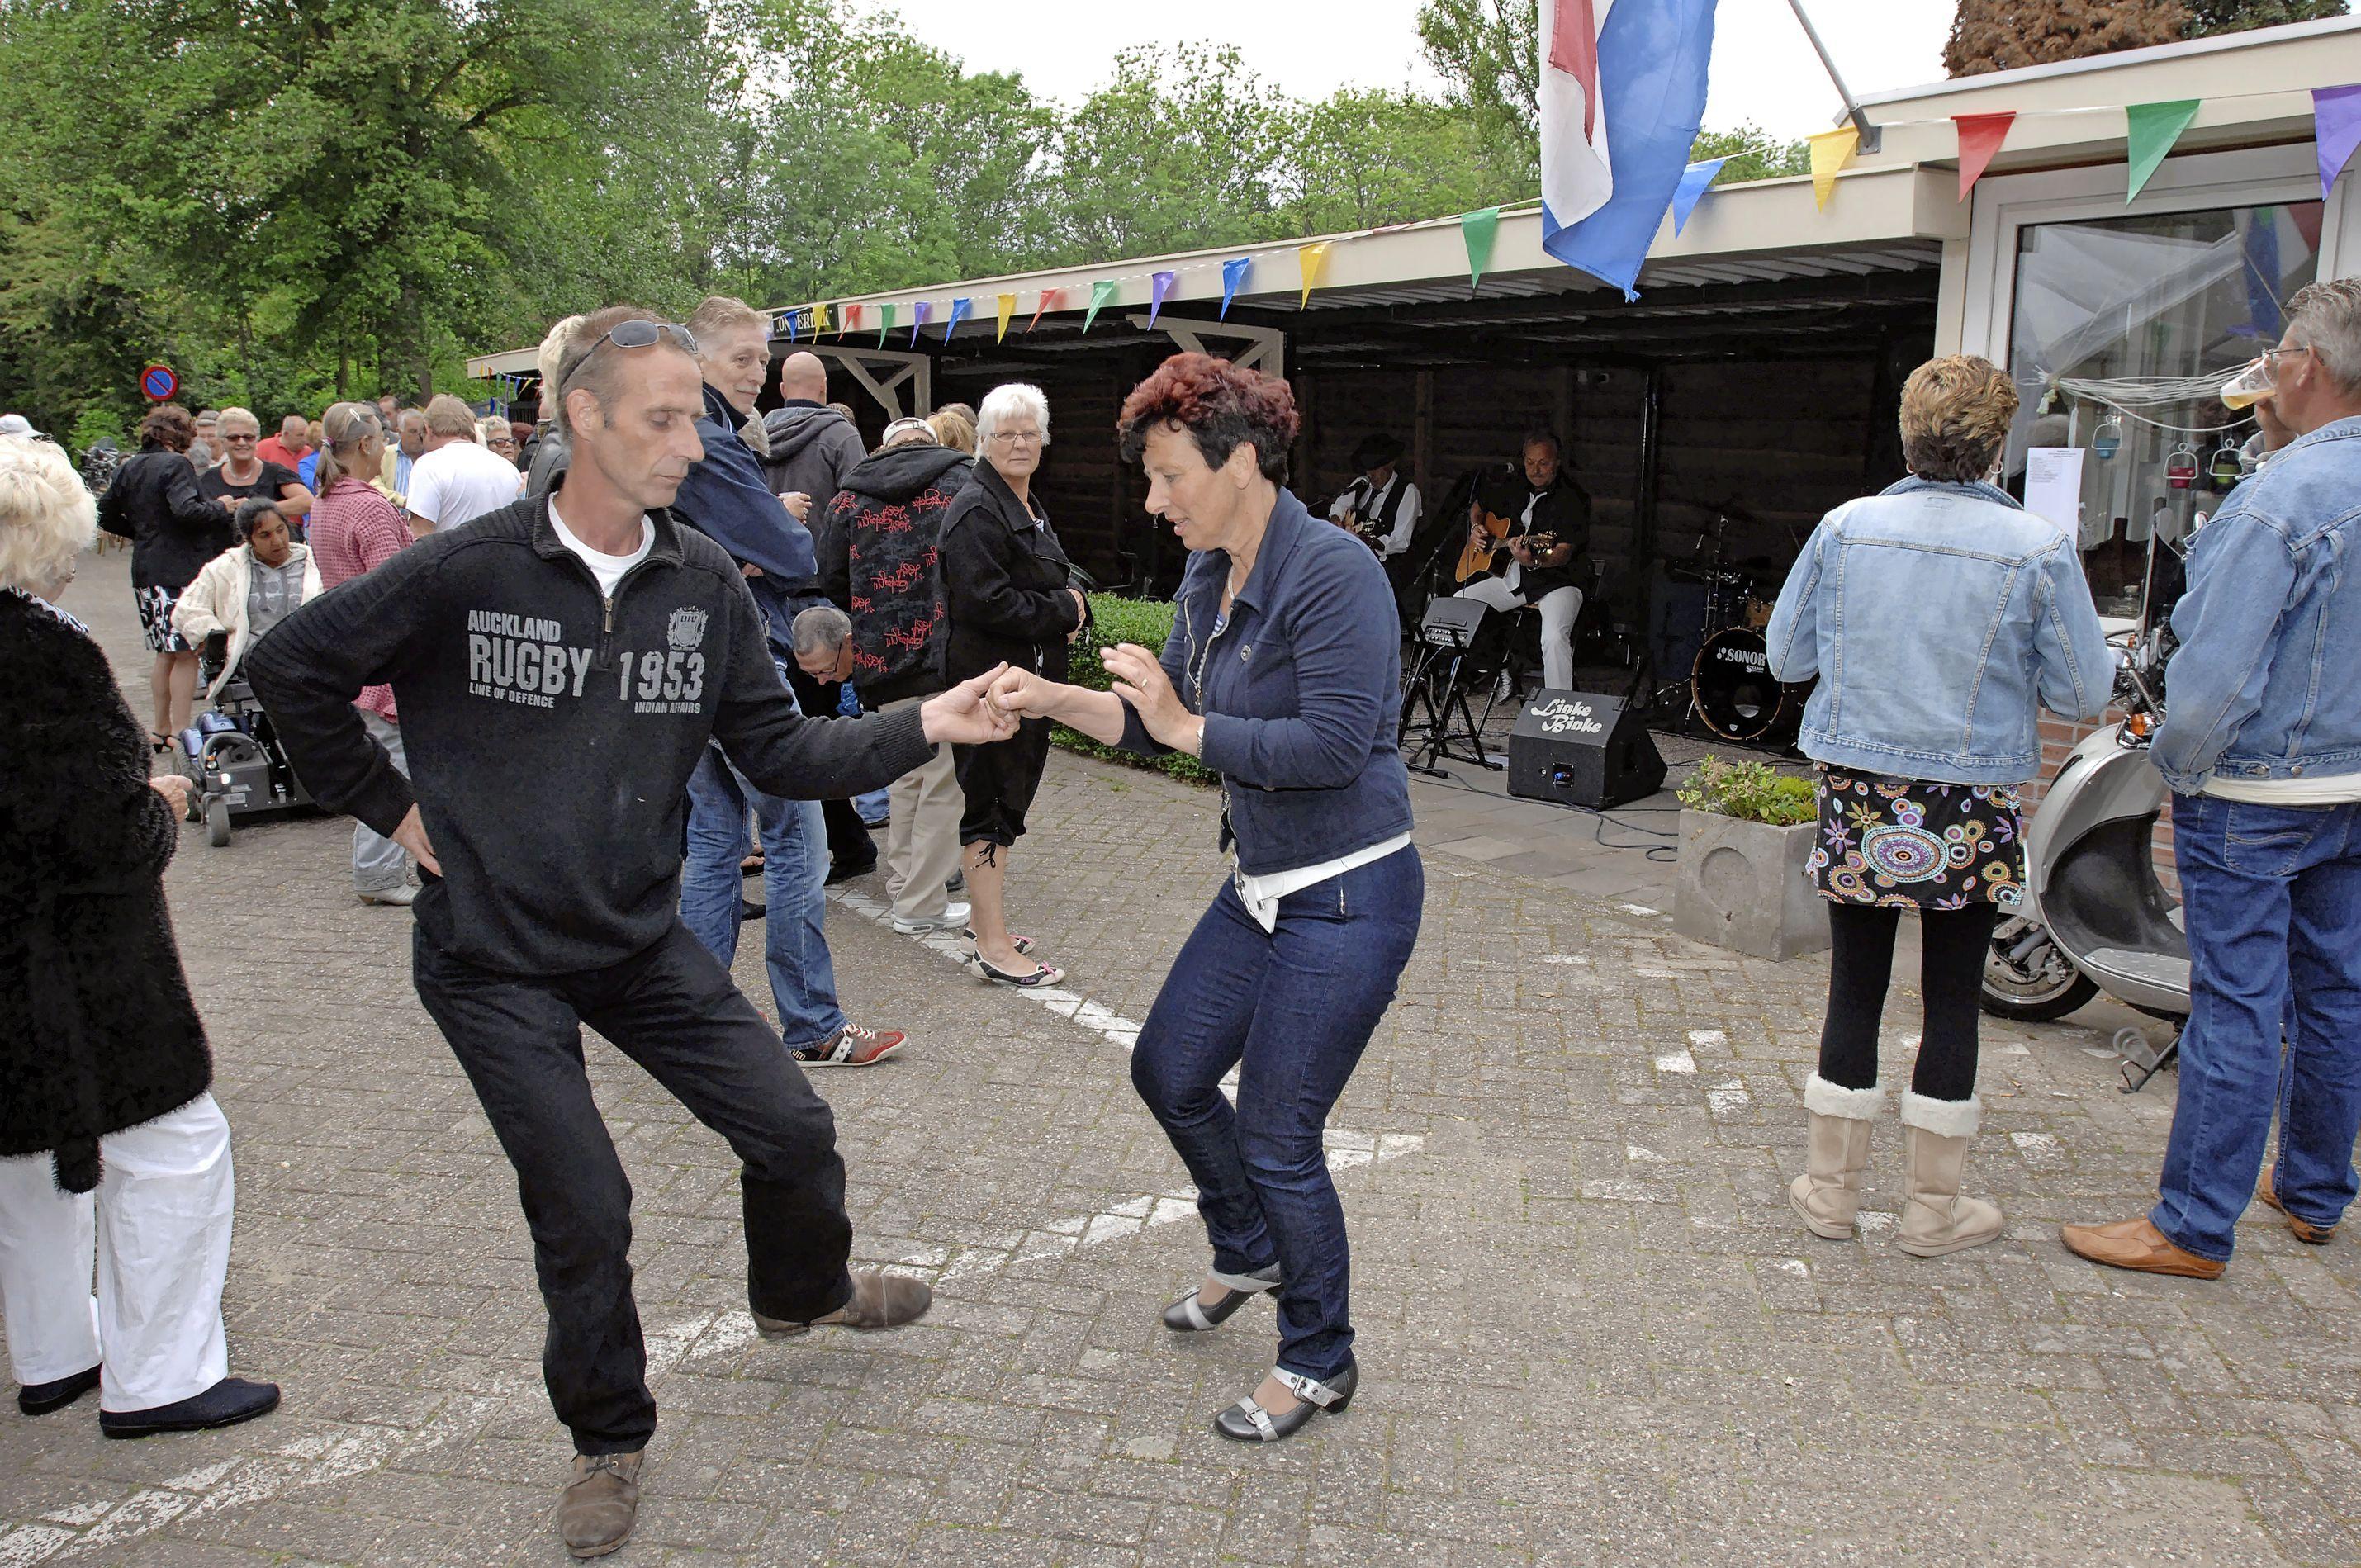 Coronaproof zomerfeest bij volkstuinvereniging Wijkeroog in Velsen-Noord met veel eten en drinken en een jamsessie als toetje